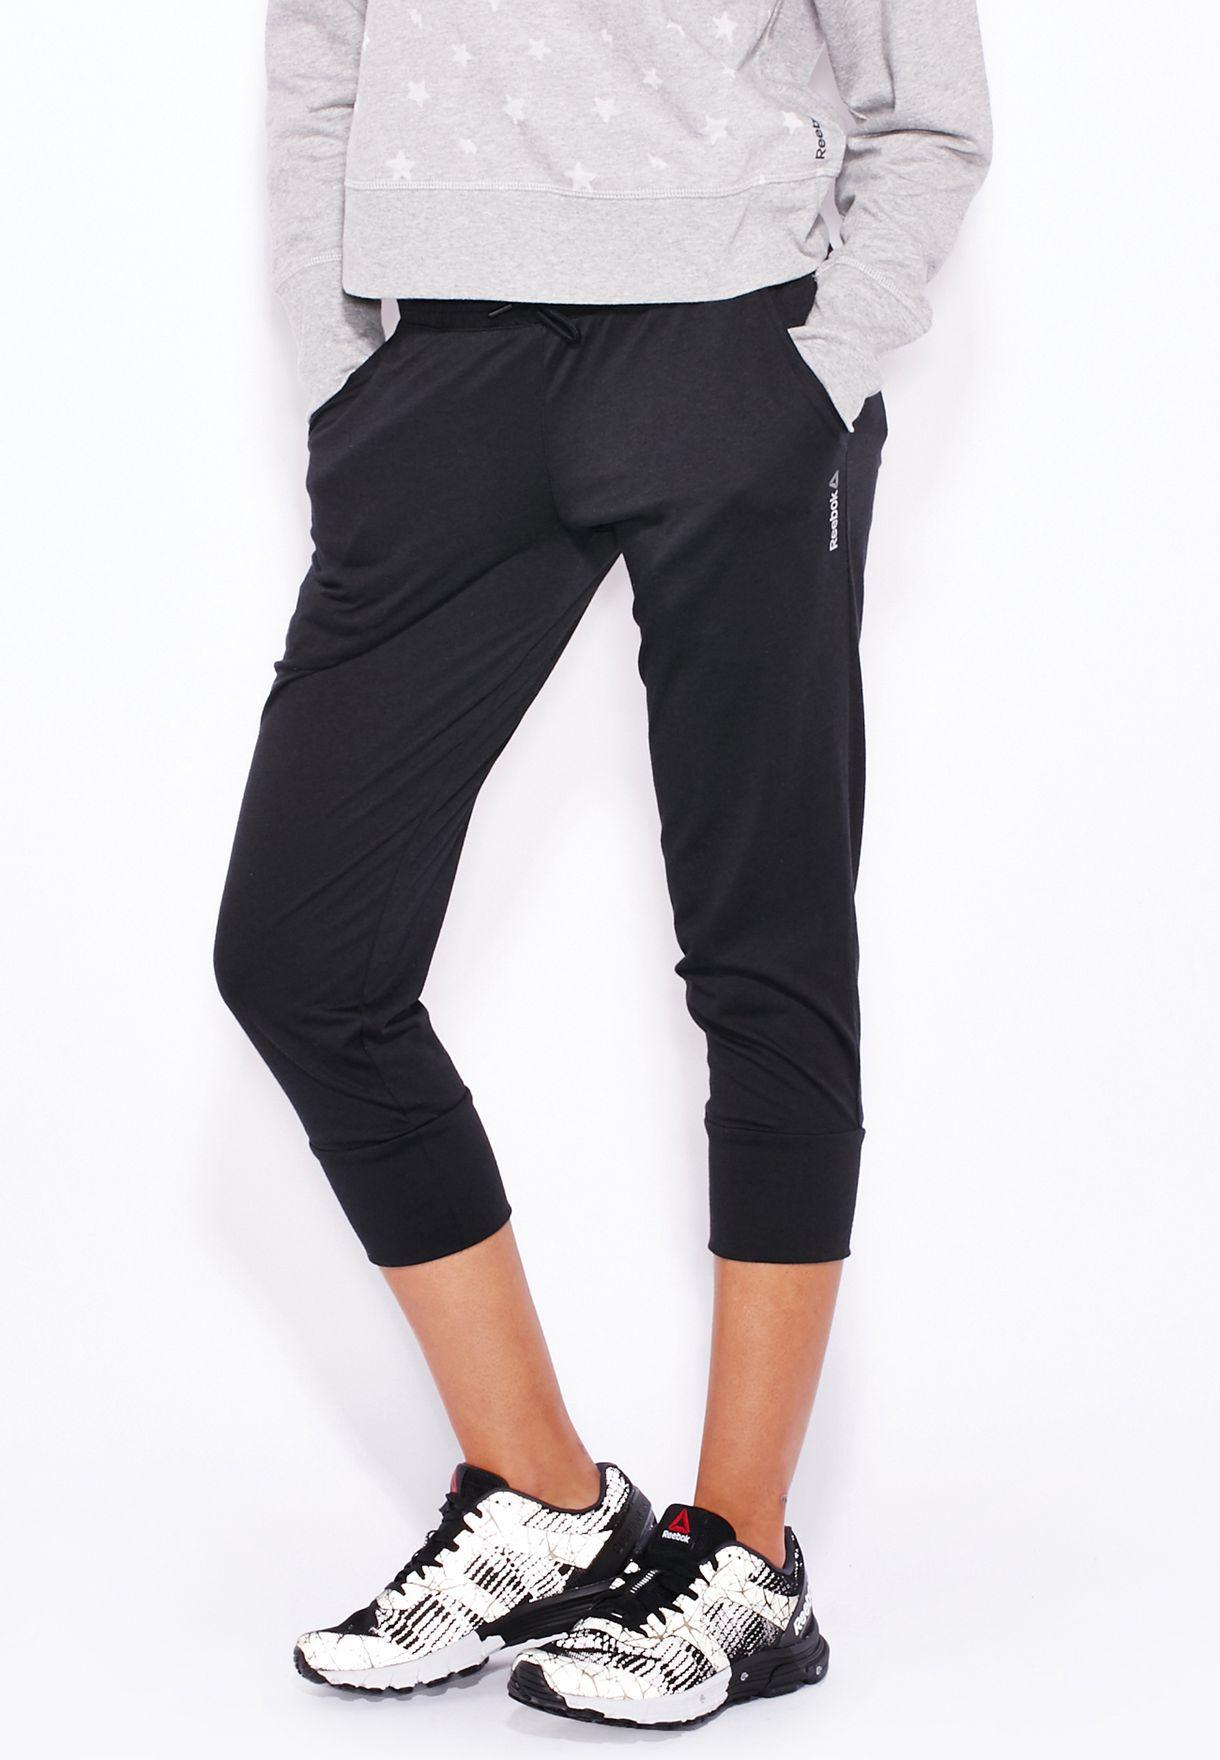 88fdecf7789b Shop Reebok black Elements Jersey Capri AJ2741 for Women in Bahrain -  RE019AT08WXN